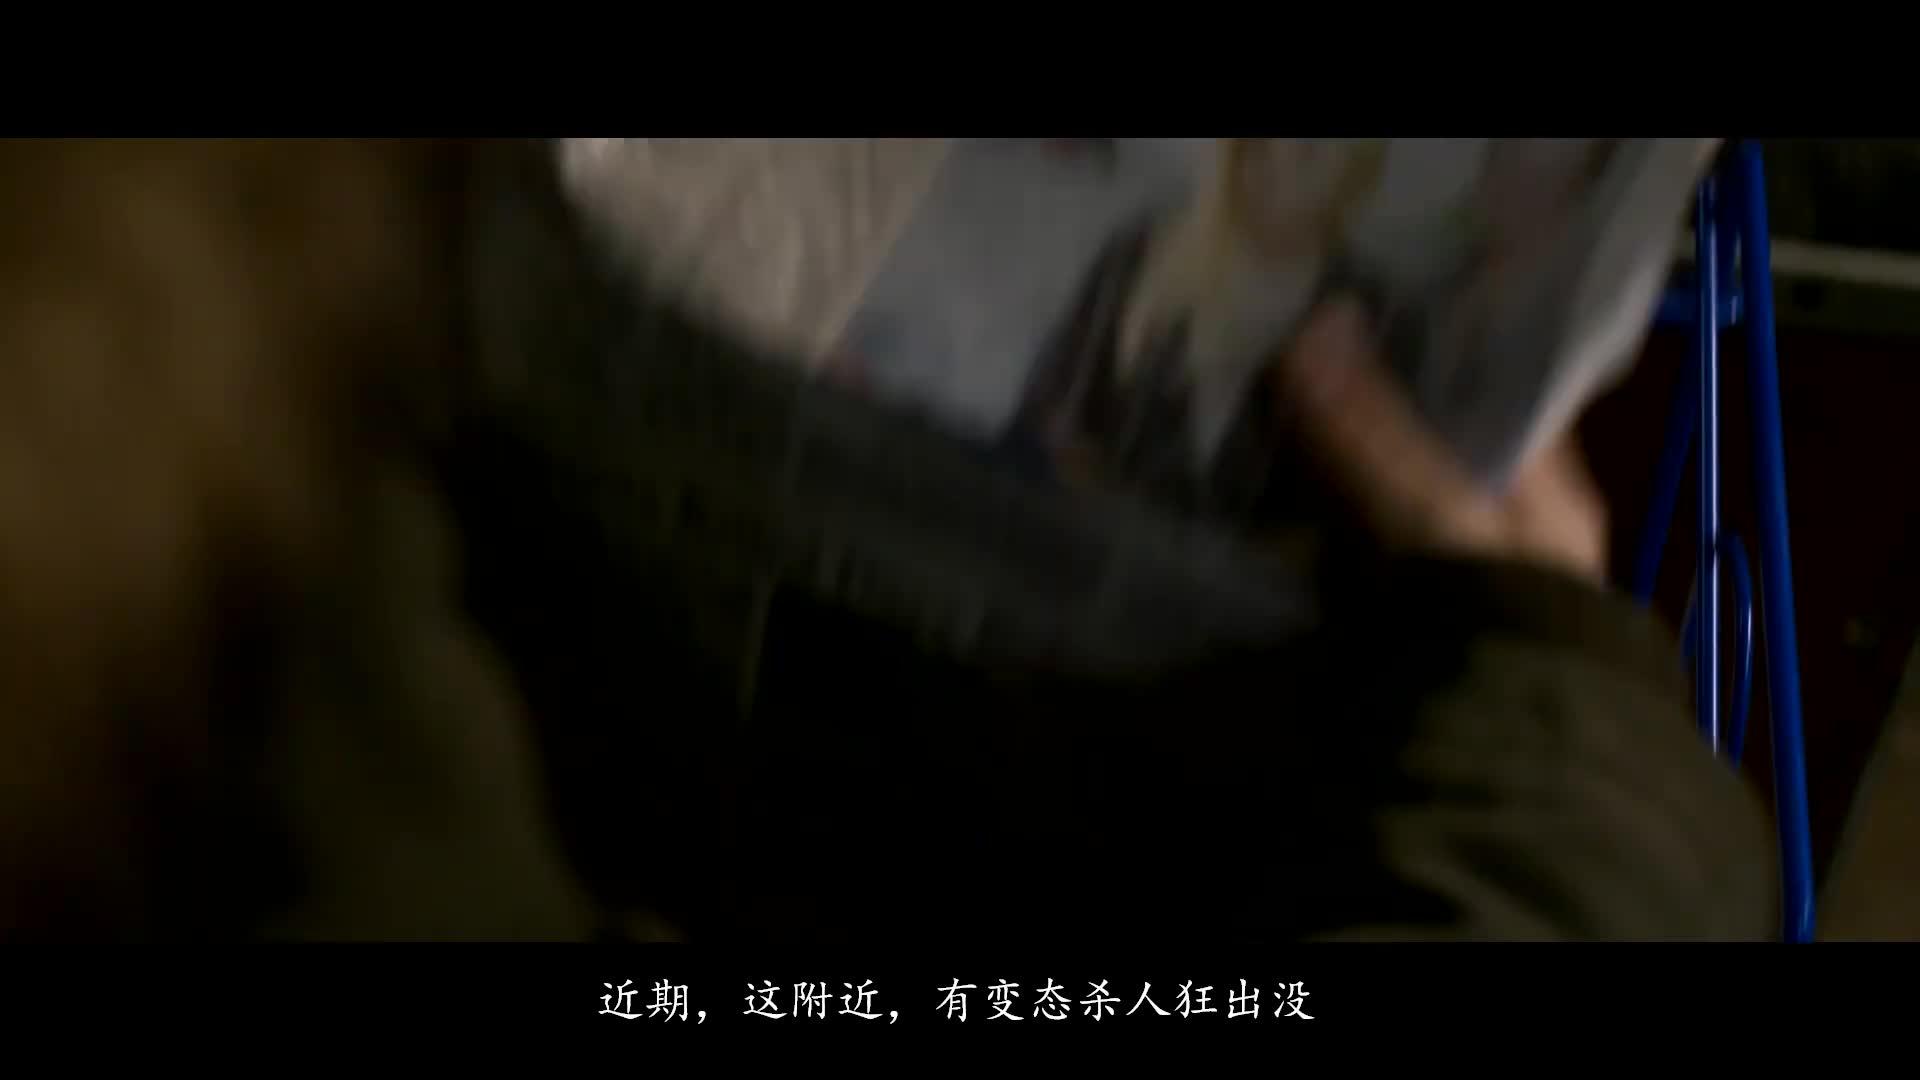 【赖赖瓜】对少女下手的变态杀人魔最恶心《噩梦娃娃屋》